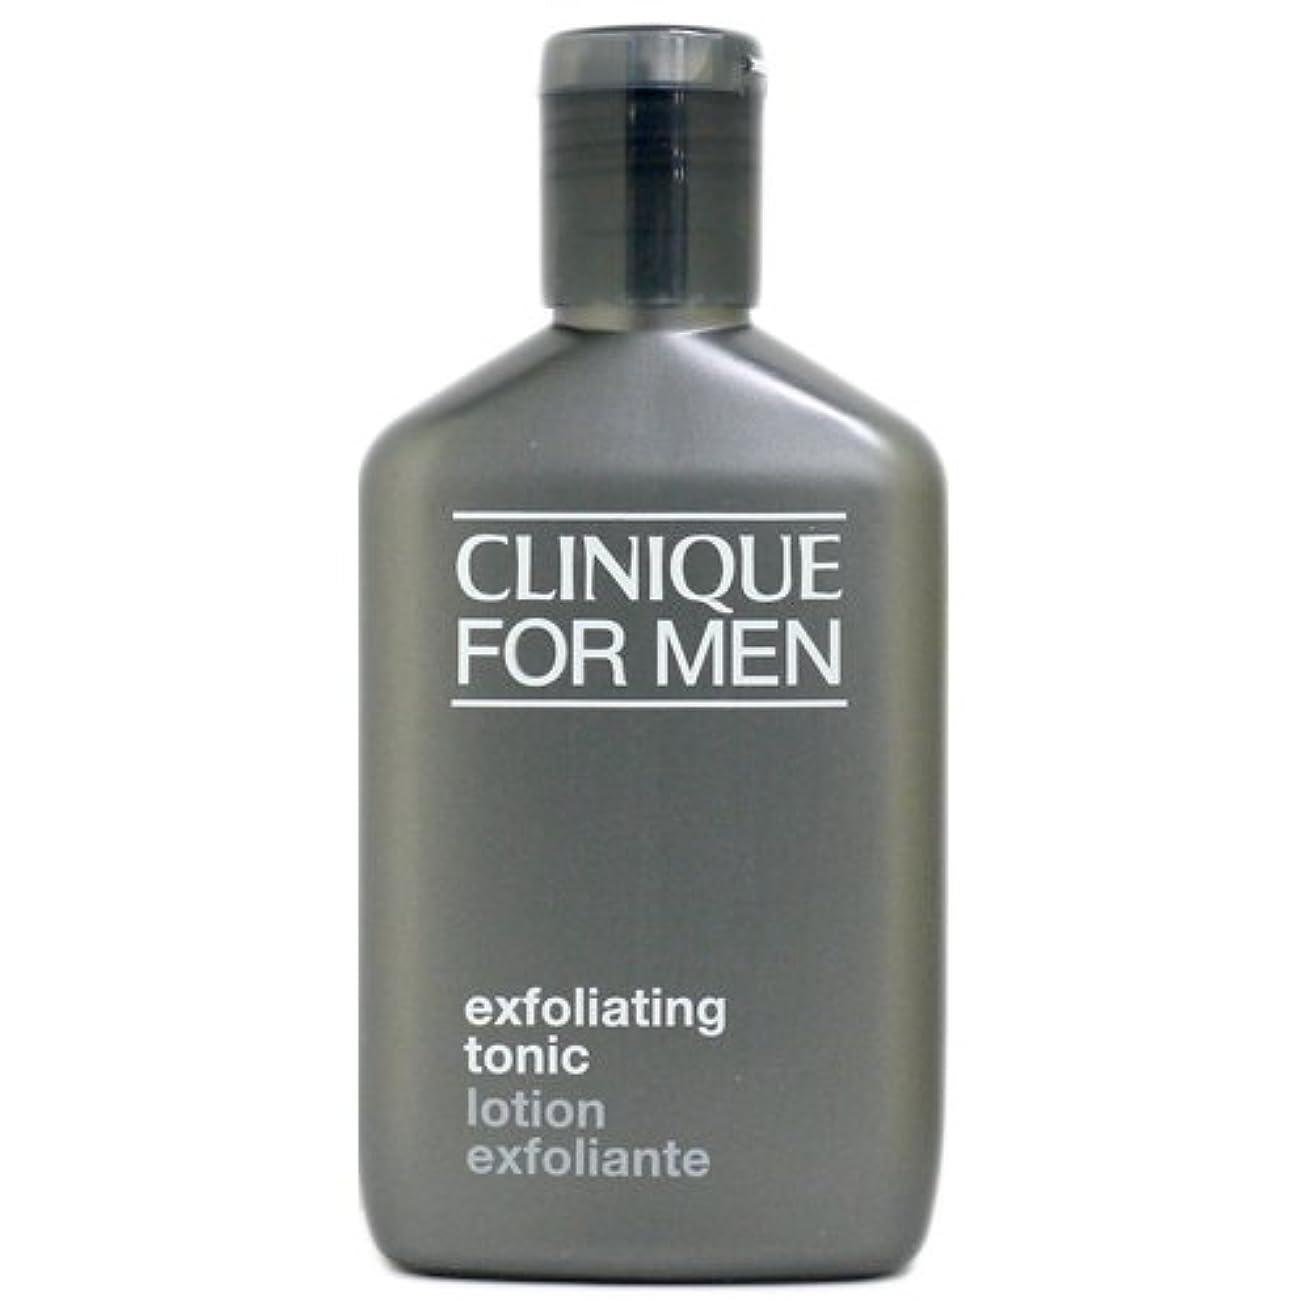 直径略奪会社クリニークフォーメン(CLINIQUE FOR MEN) エクスフォリエーティング トニック 200ml[並行輸入品]